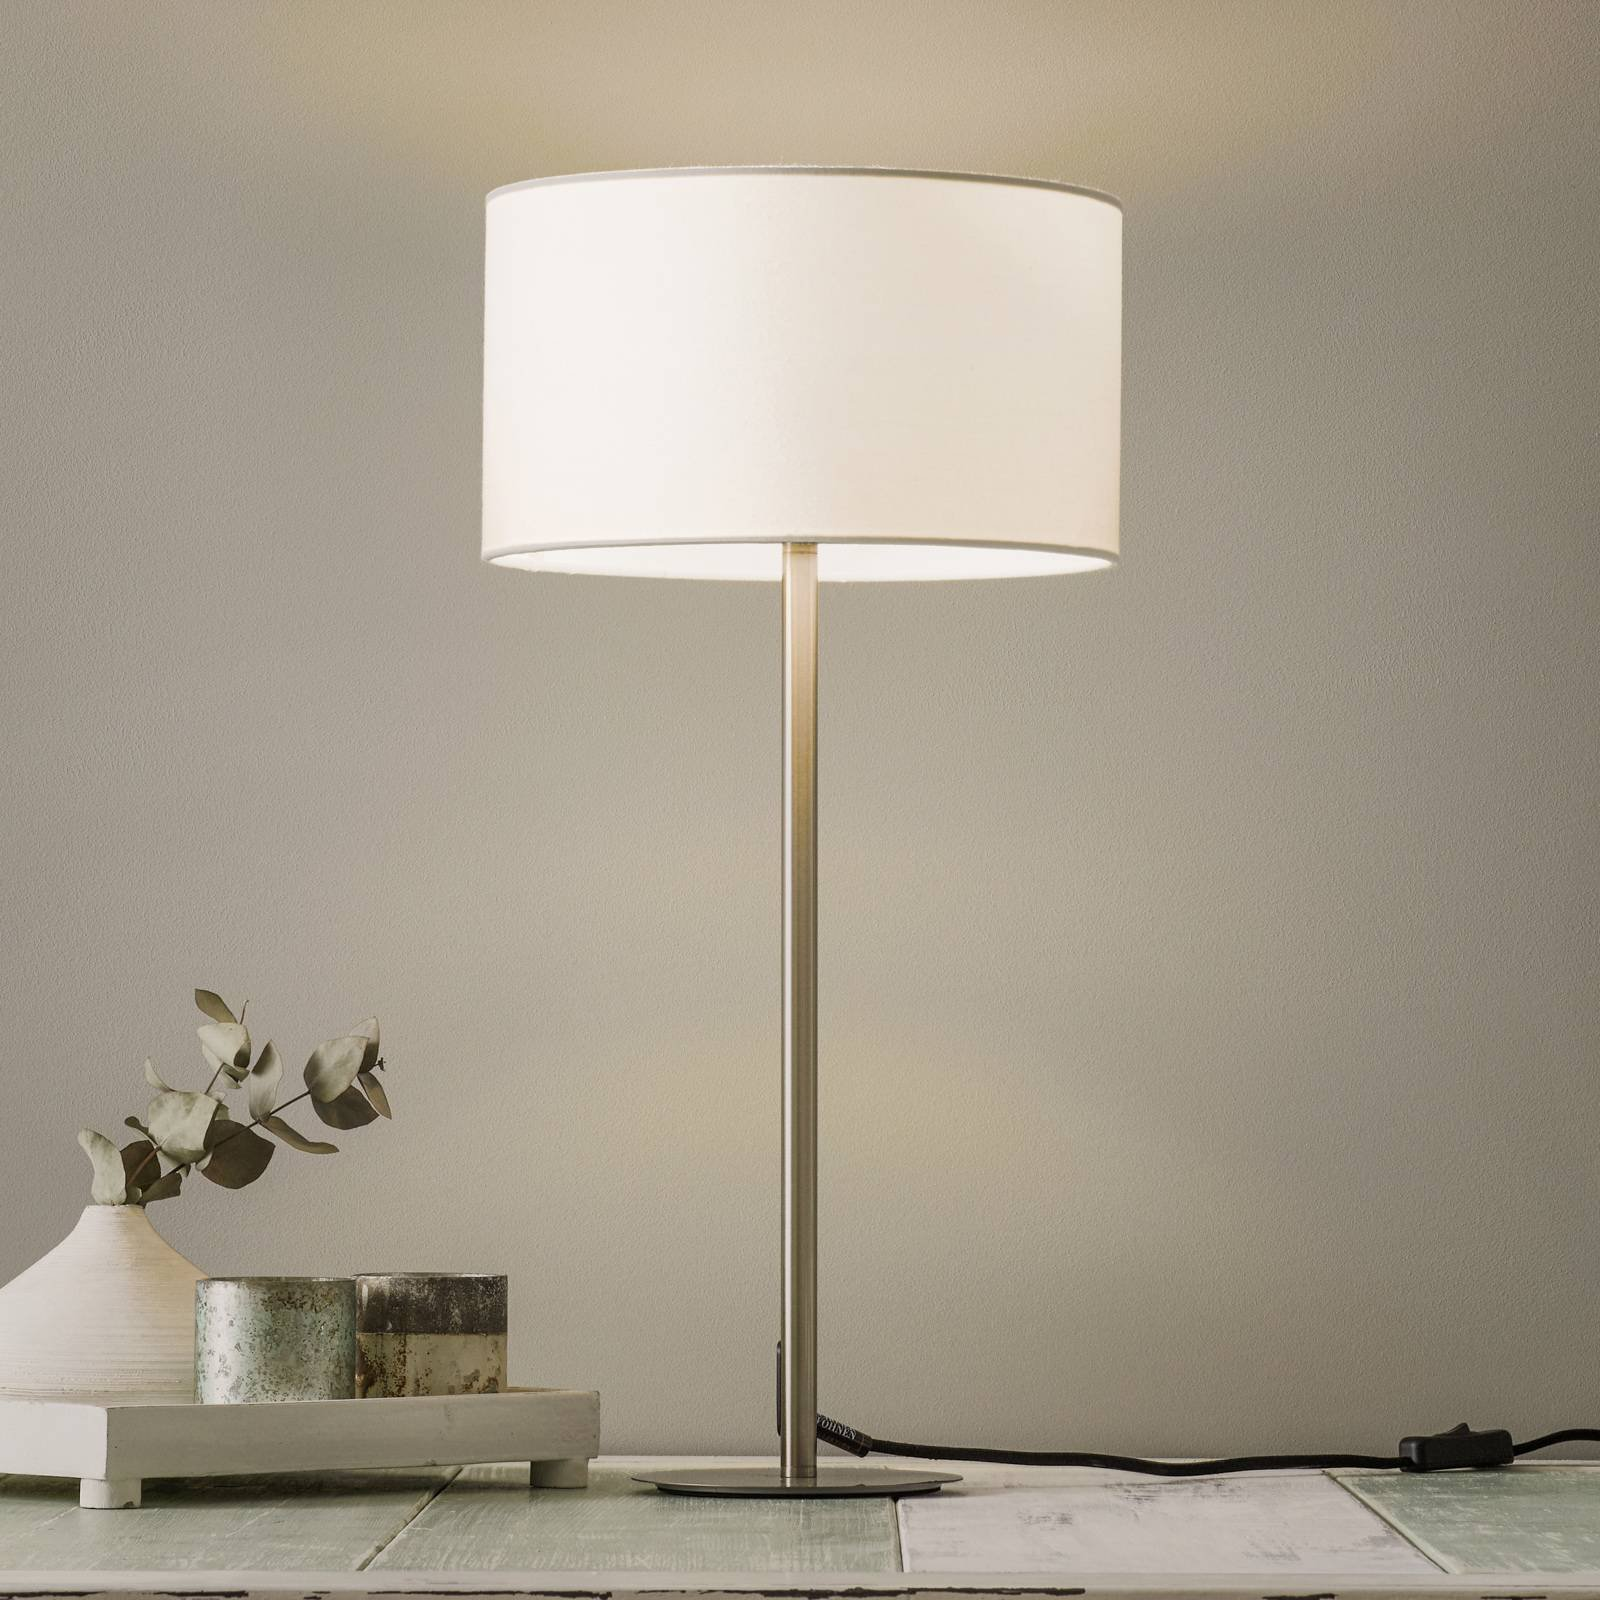 Schöner Wohnen Pina bordlampe, hvit